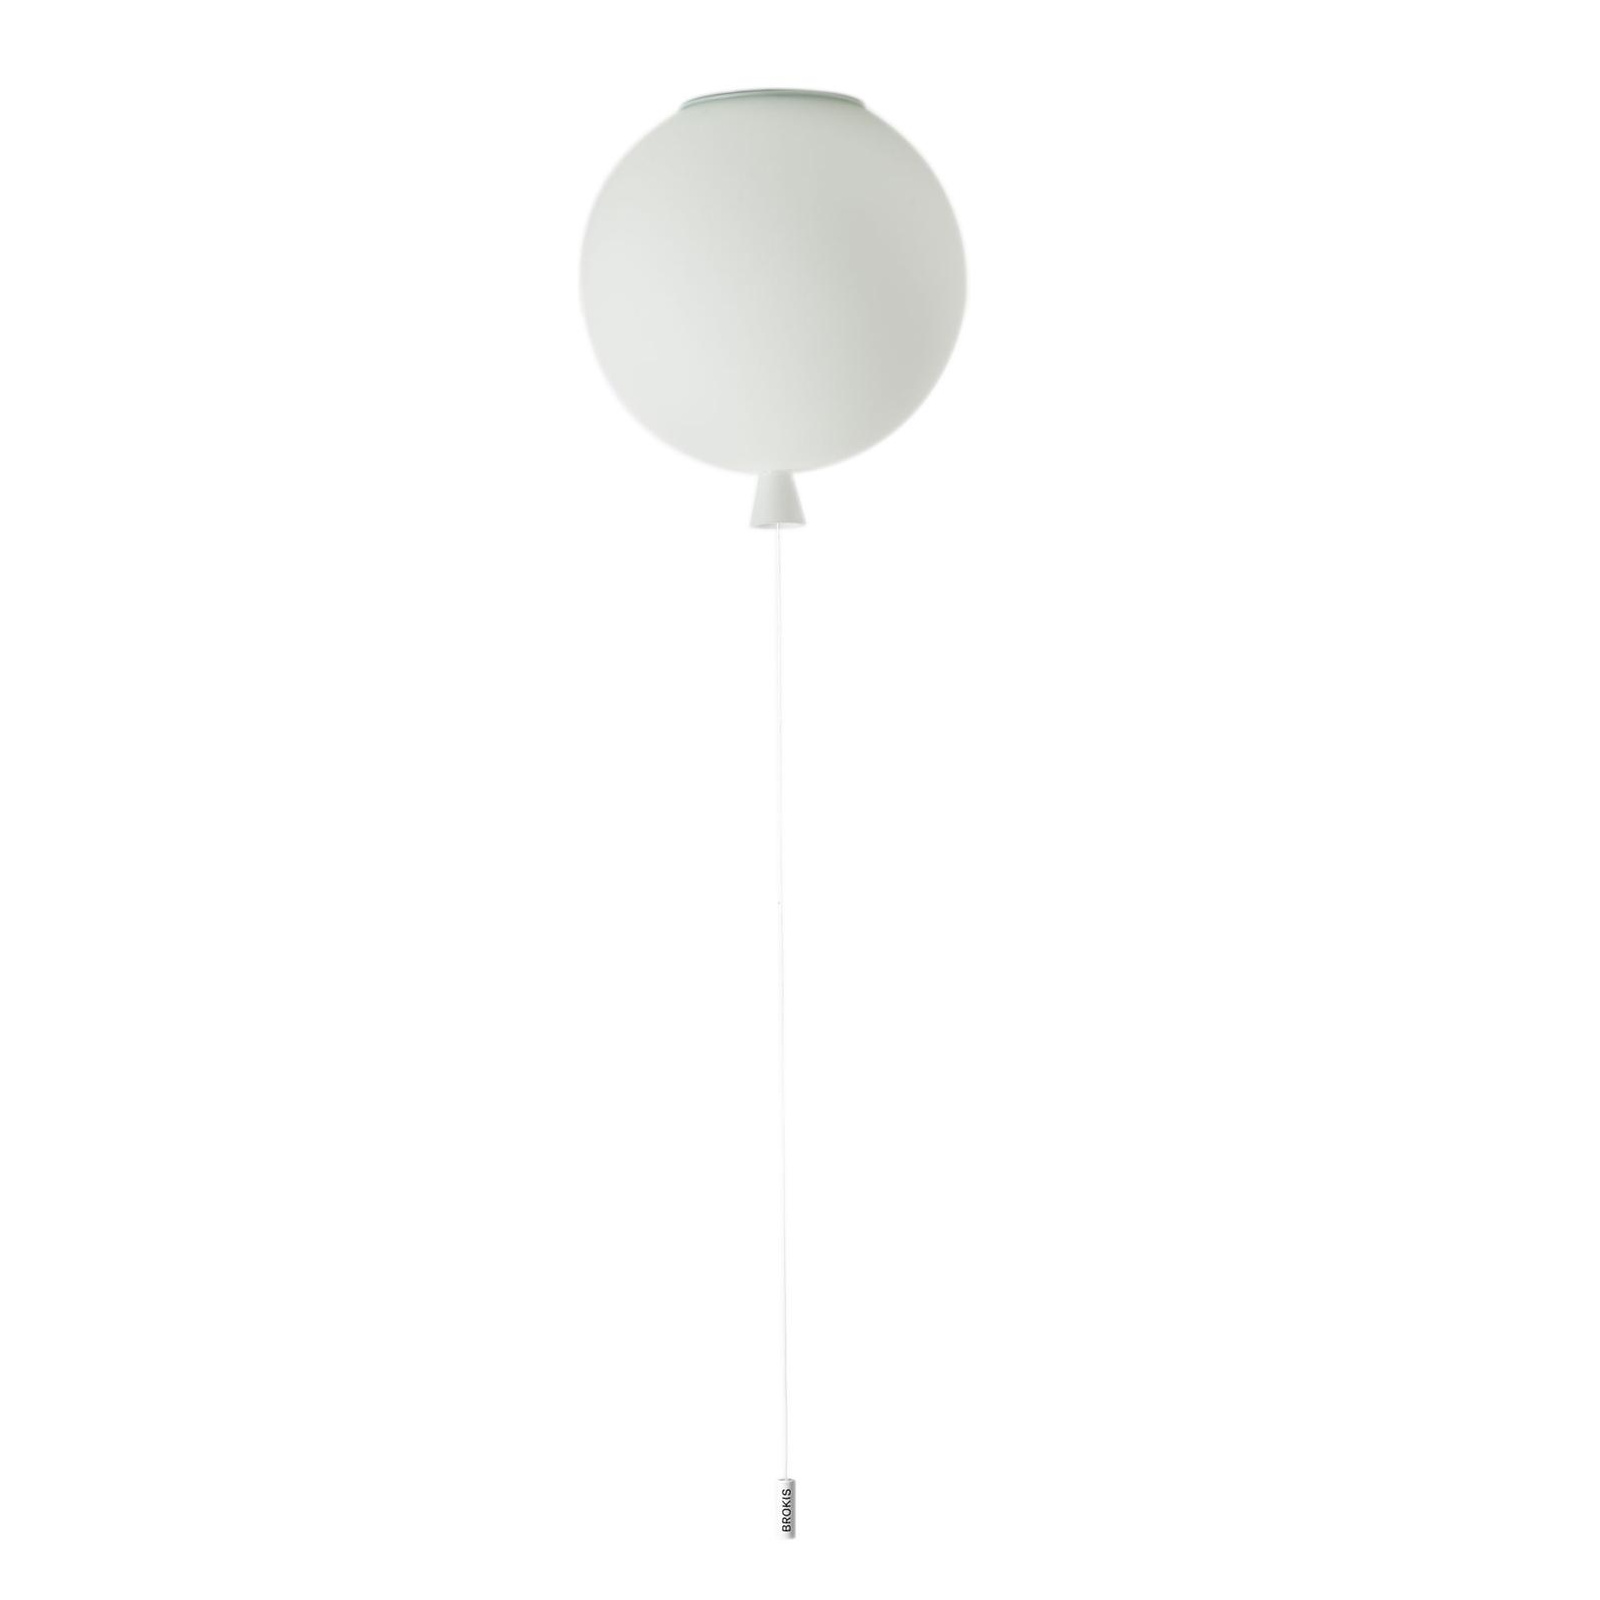 Brokis - Memory 250 Deckenleuchte - opal/matt/H 27,5cm / Ø 25cm/Kabel weiß günstig online kaufen